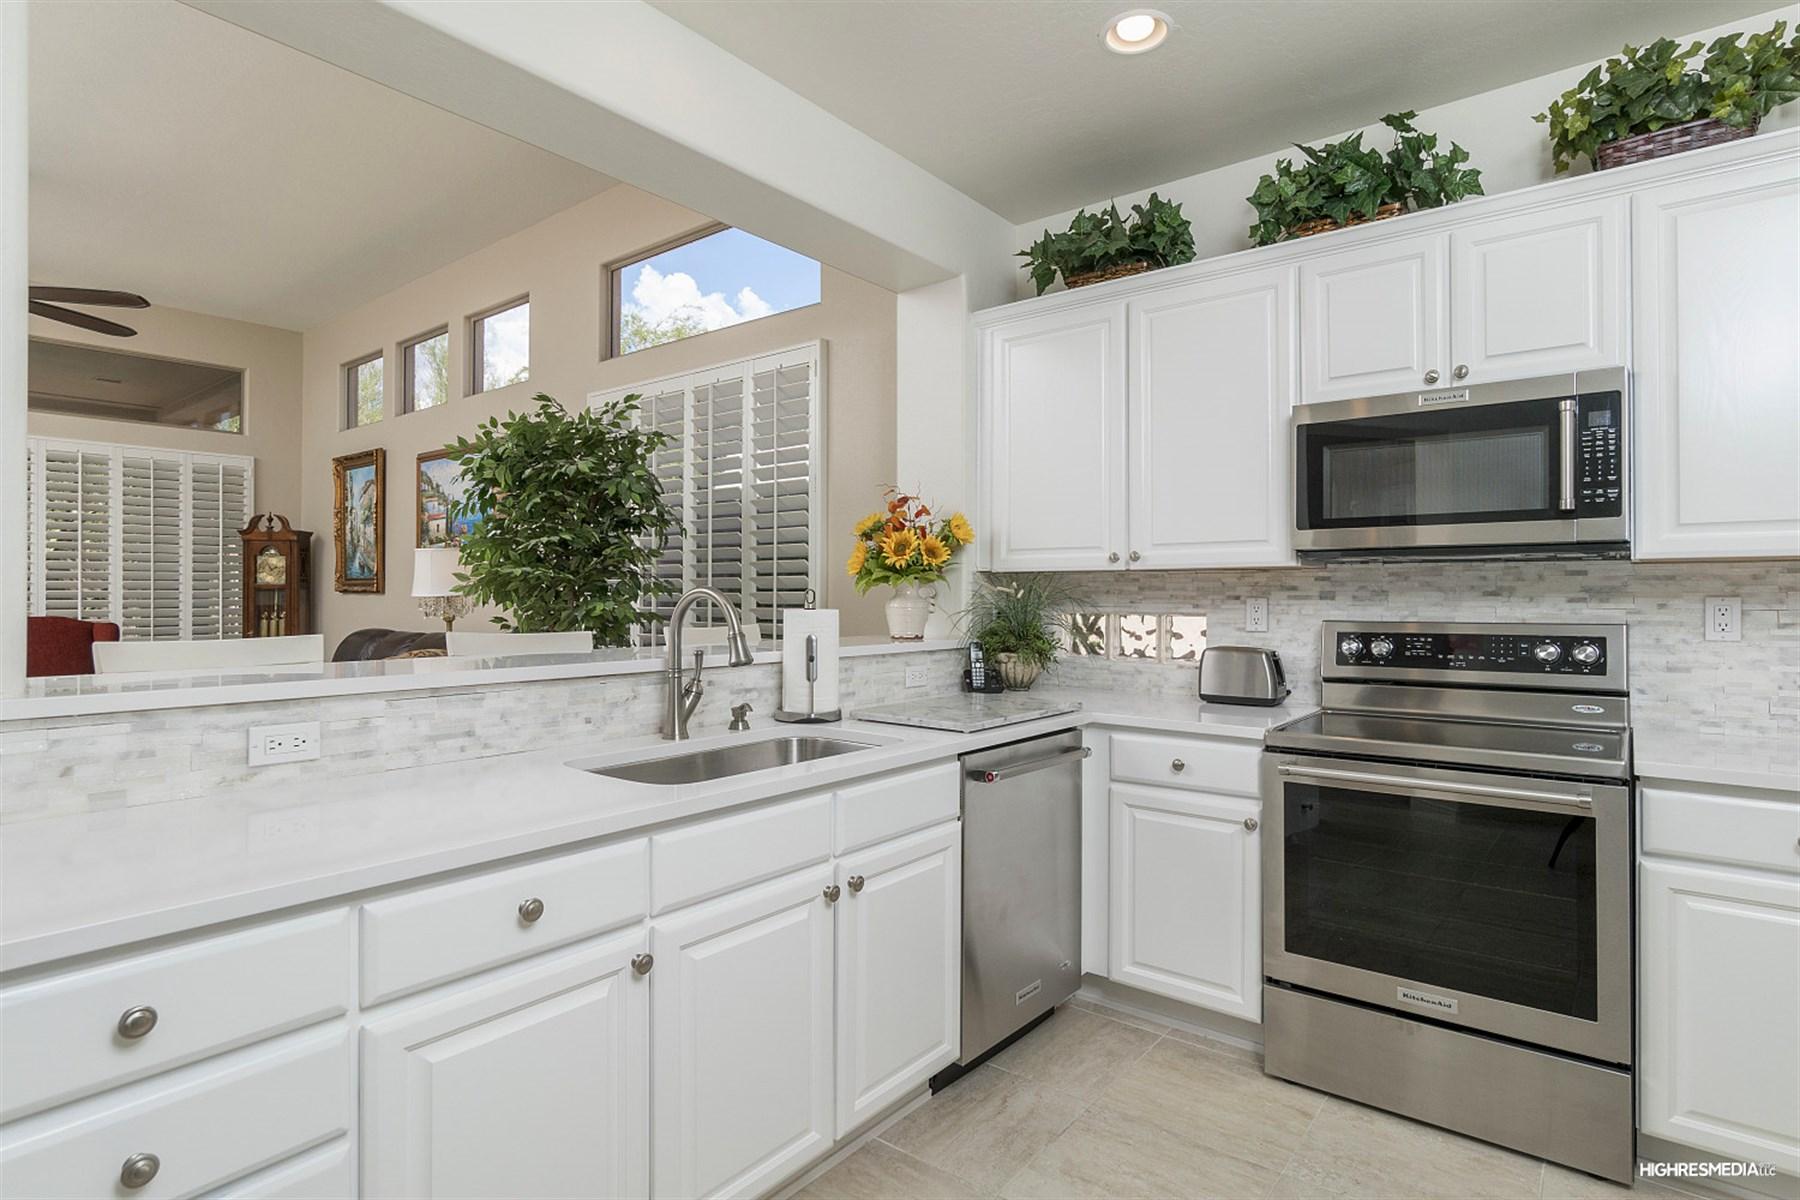 Частный односемейный дом для того Продажа на Fantastic home in the beautiful community of Terravita 7152 E Canyon Wren Cir Scottsdale, Аризона, 85266 Соединенные Штаты